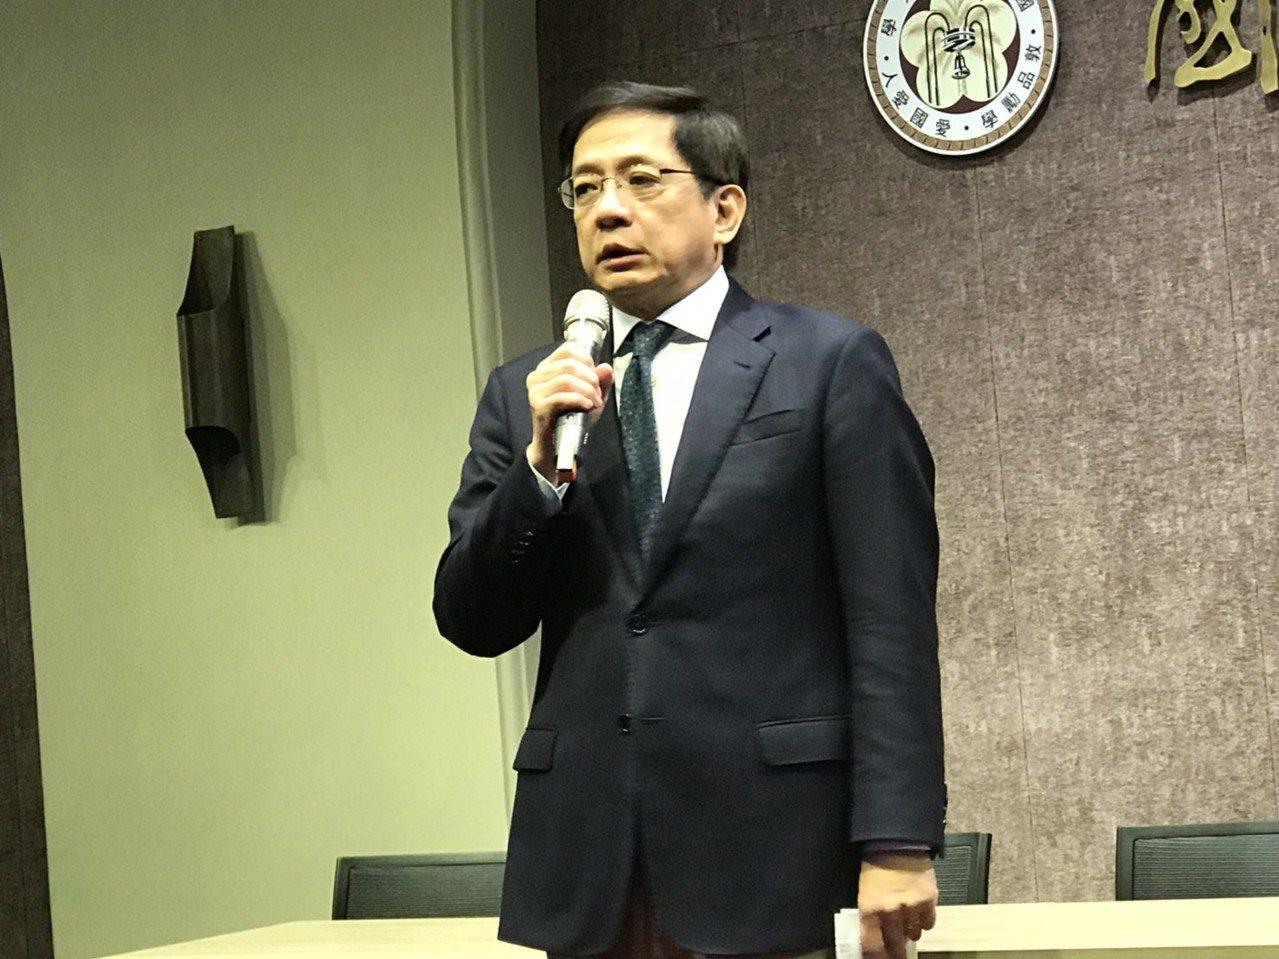 台大校長管中閔說,預計香港地區學生的報到率約八成五,本地學生應會全數報到。其中,...